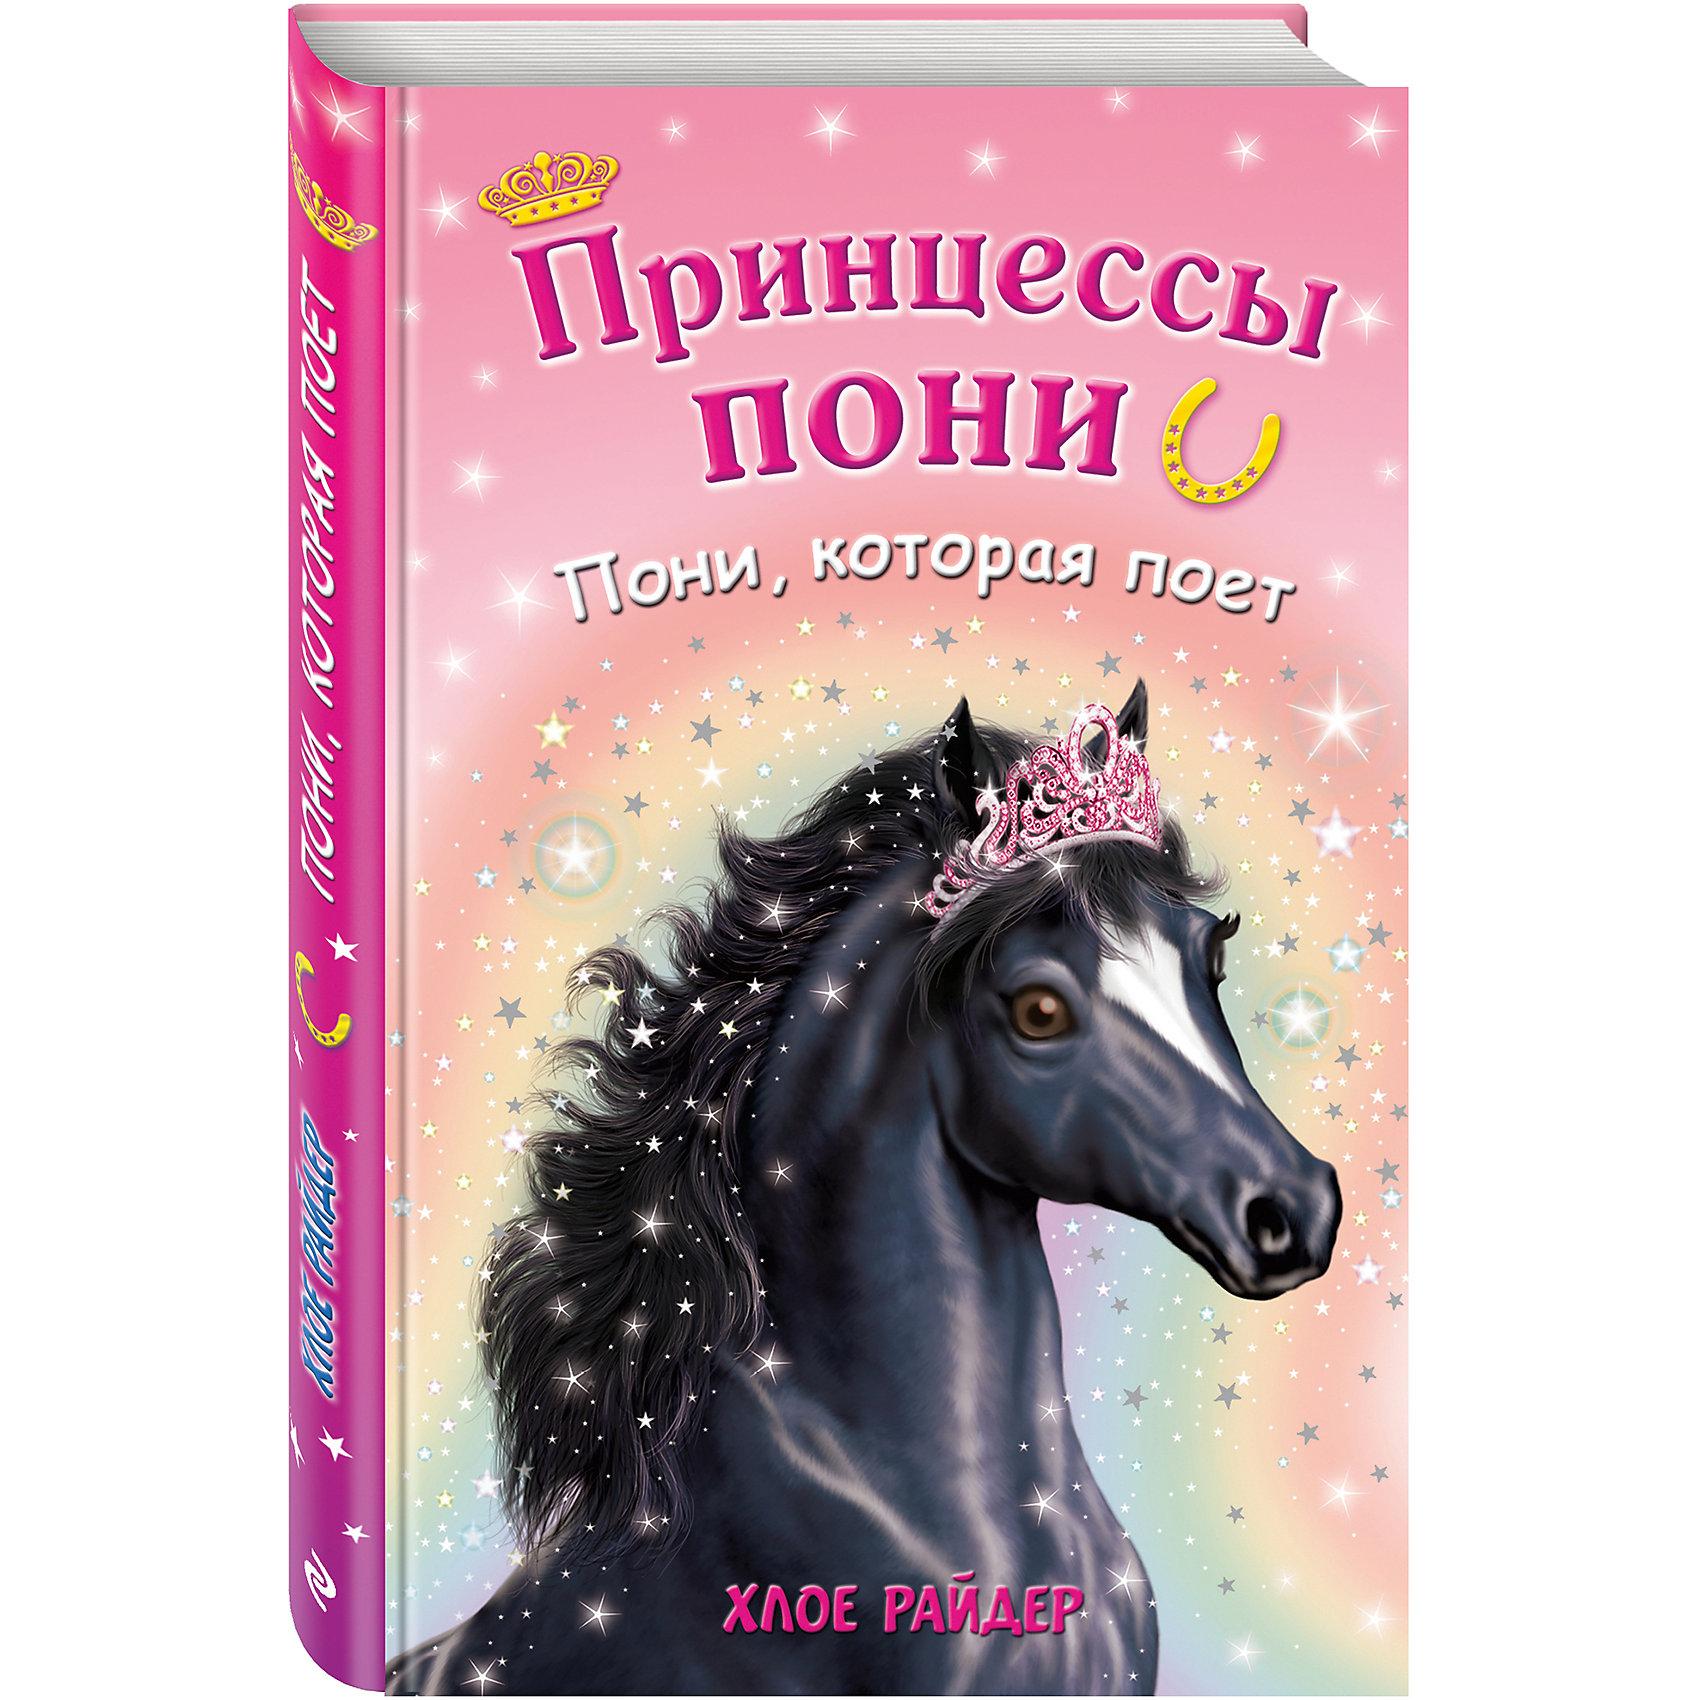 Пони, которая поетРассказы и повести<br>Привет! Меня зовут Пиппа, и я люблю лошадей. Я просила маму купить мне пони, но оказалось, что это невозможно. Зато теперь я познакомилась с самыми настоящими волшебными пони и меня ждут удивительные приключения!<br><br>Коварная пони Дивайн украла голос у Дивы, знаменитой лошадки-певицы. Мы со Звездочкой должны помочь бедняжке, тем более что очень скоро состоится большой концерт, на котором выступит Дива. Неожиданно на выручку приходят пони-пираты. Сможем ли мы вместе пробраться в таинственную пещеру и вернуть украденное?<br><br>Ширина мм: 210<br>Глубина мм: 130<br>Высота мм: 10<br>Вес г: 278<br>Возраст от месяцев: 72<br>Возраст до месяцев: 144<br>Пол: Унисекс<br>Возраст: Детский<br>SKU: 6878114